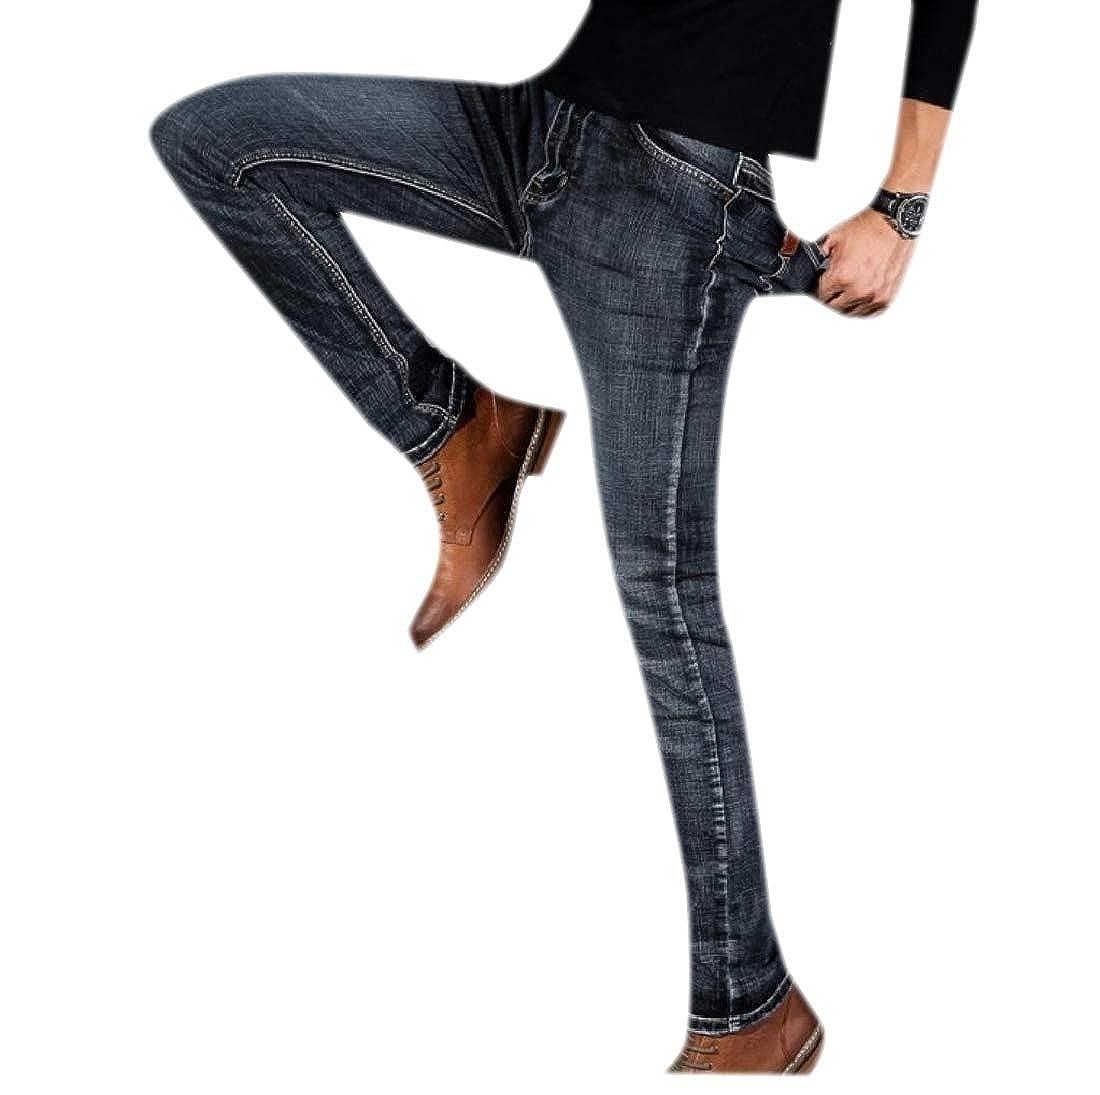 Winwinus Men Casual Trousers Business Work Wear Slim Fitting Jeans Pants